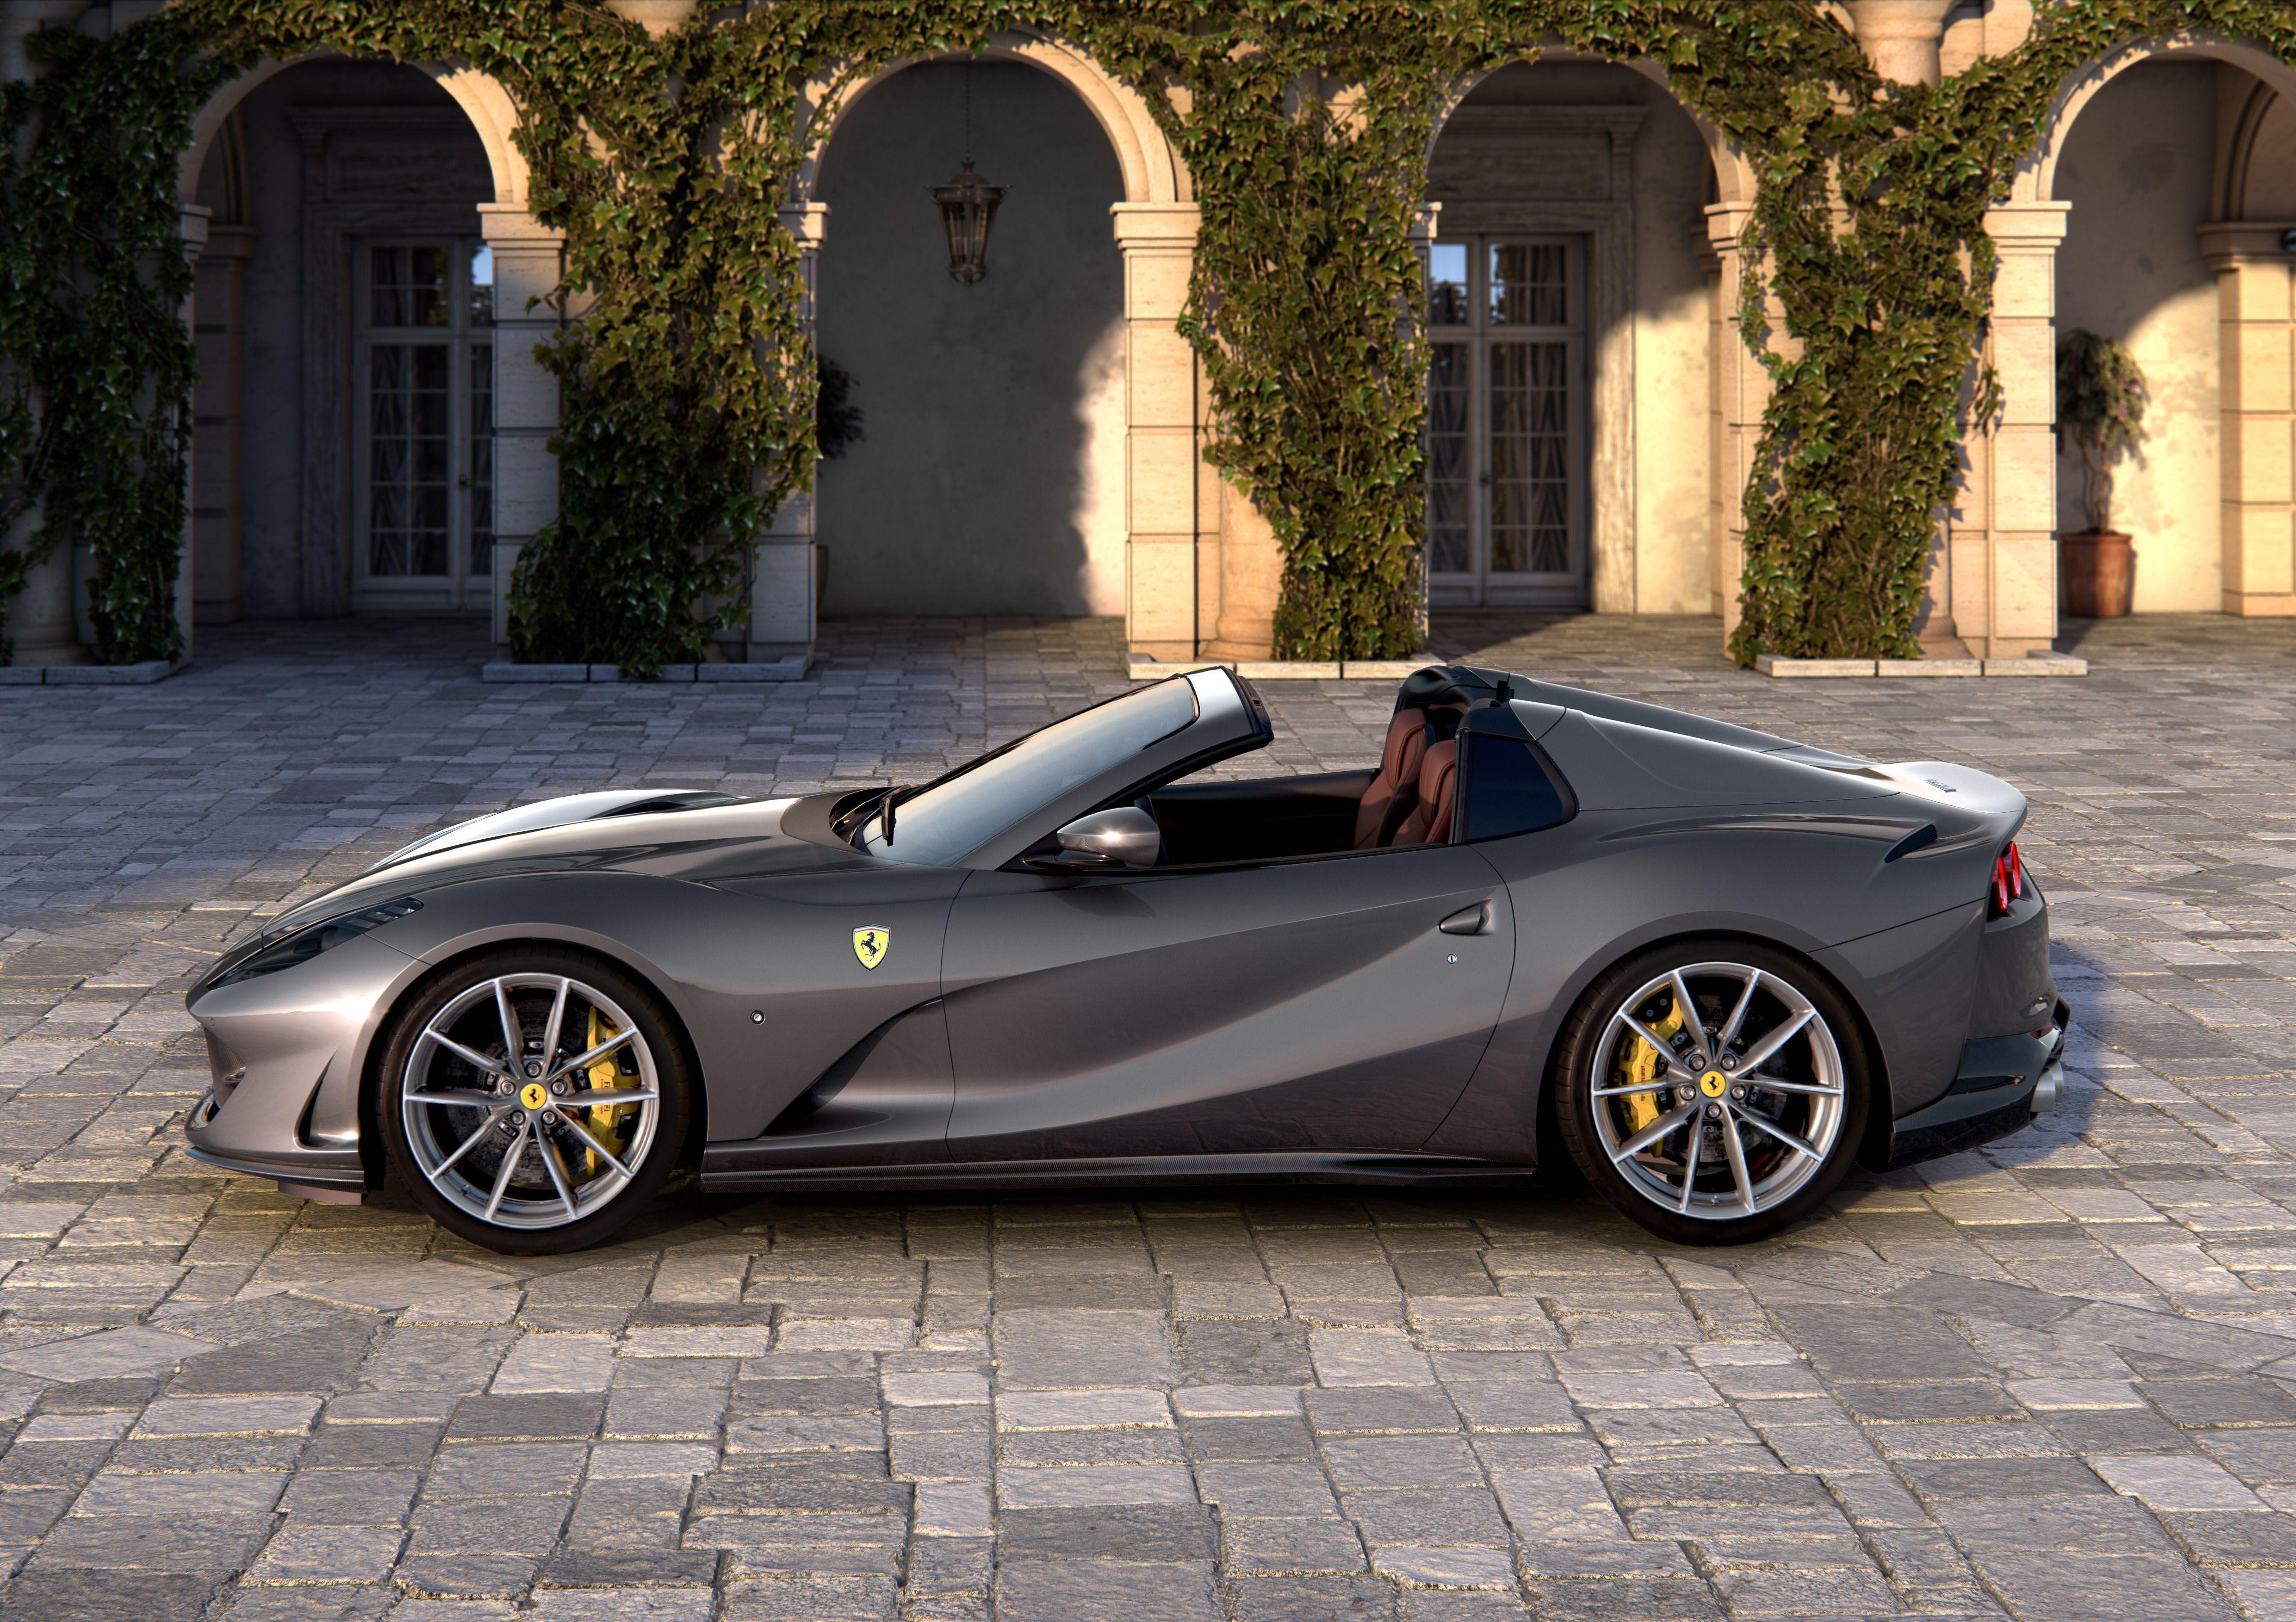 Ferrari 812 Gts Has 789 Hp And A Retractable Hardtop